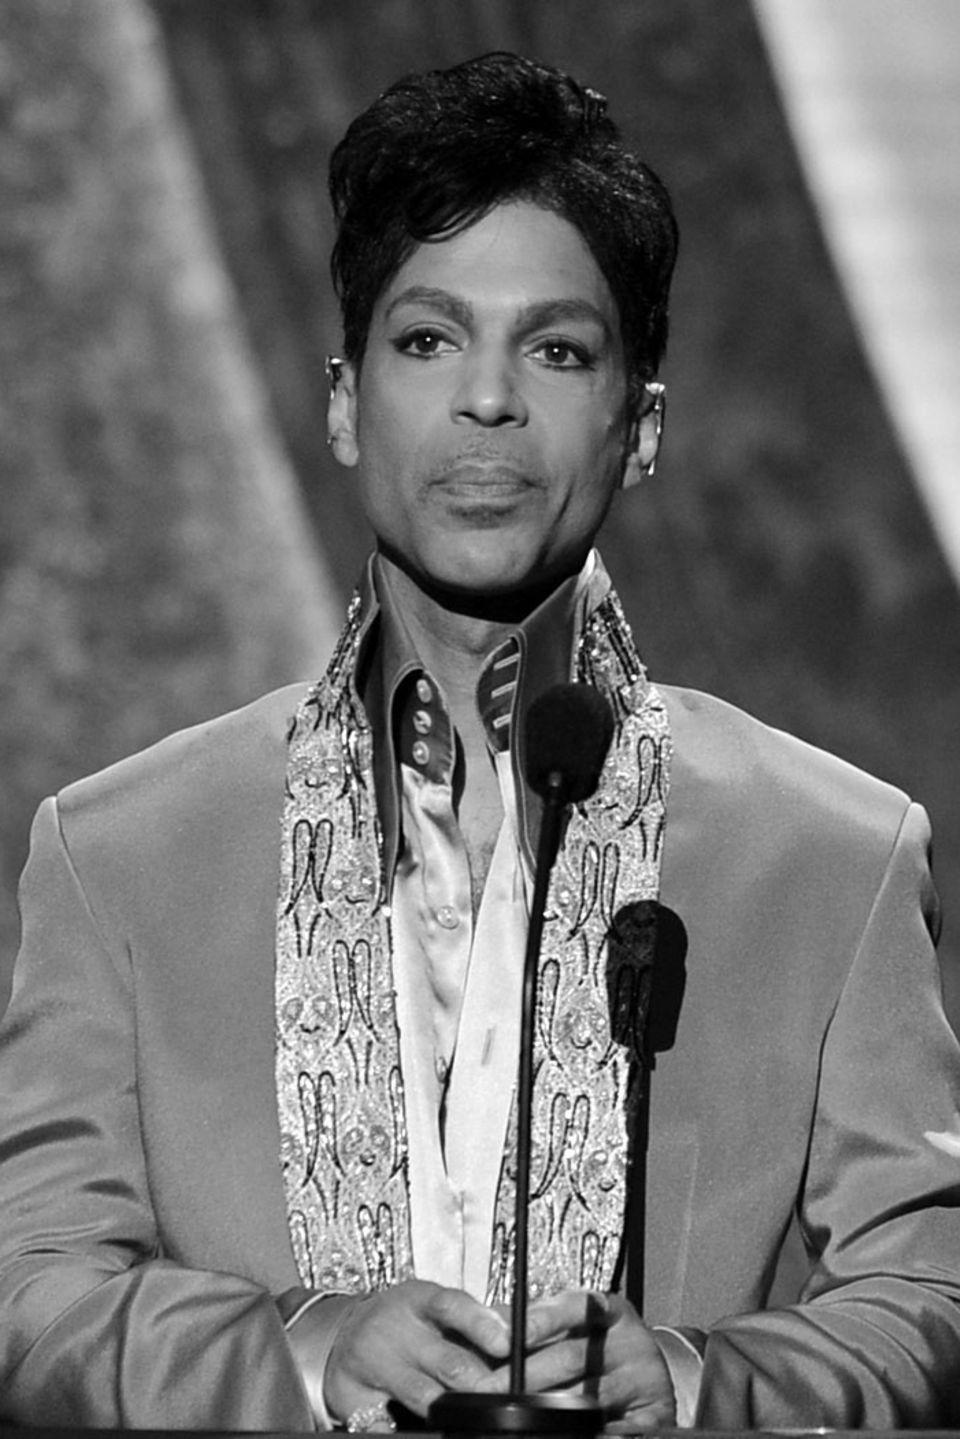 der 2016 verstorbene Prince